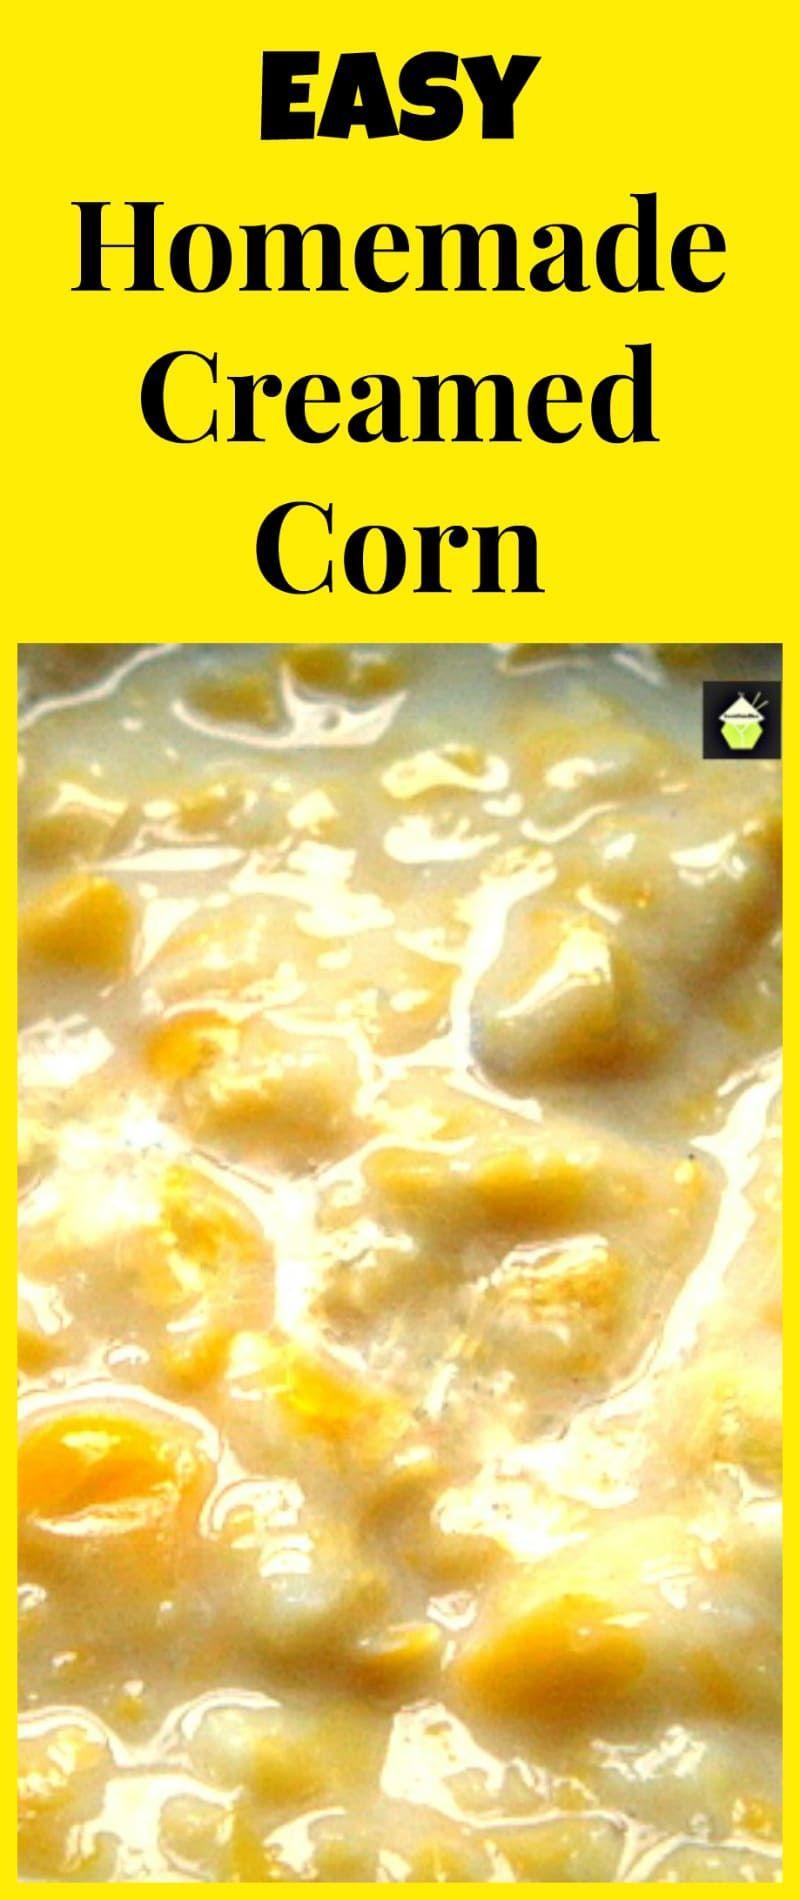 Easy Homemade Creamed Corn